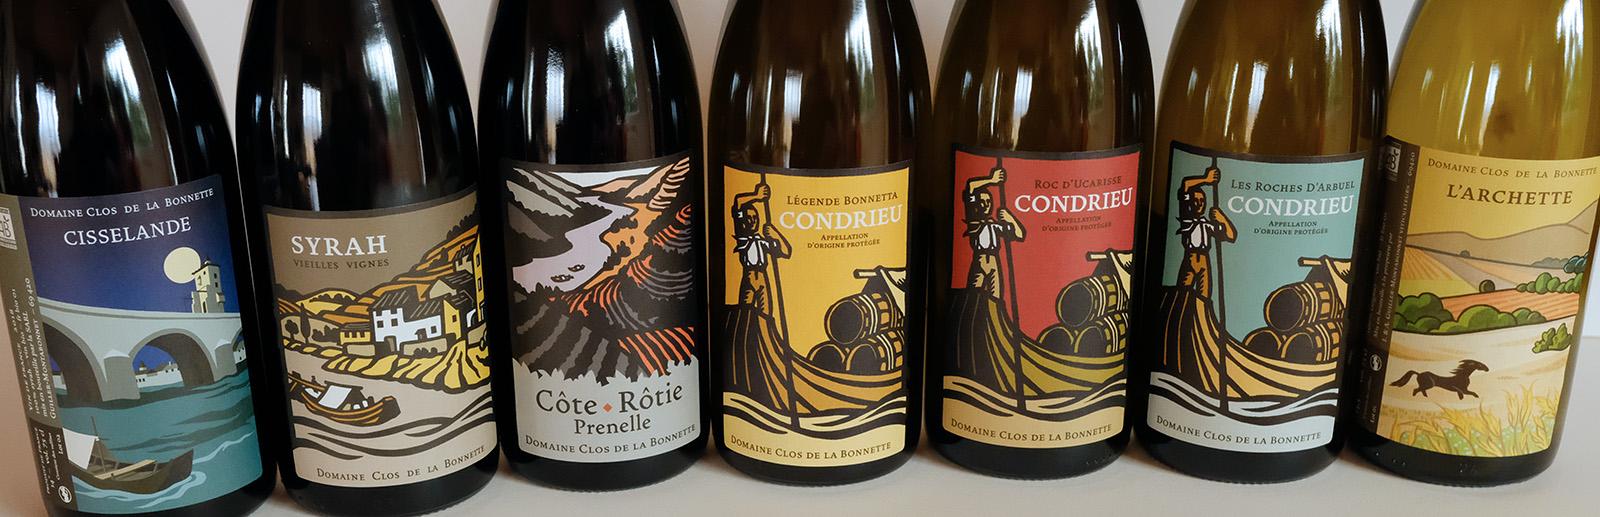 Photographie de la gamme des vins du Clos de la Bonnette